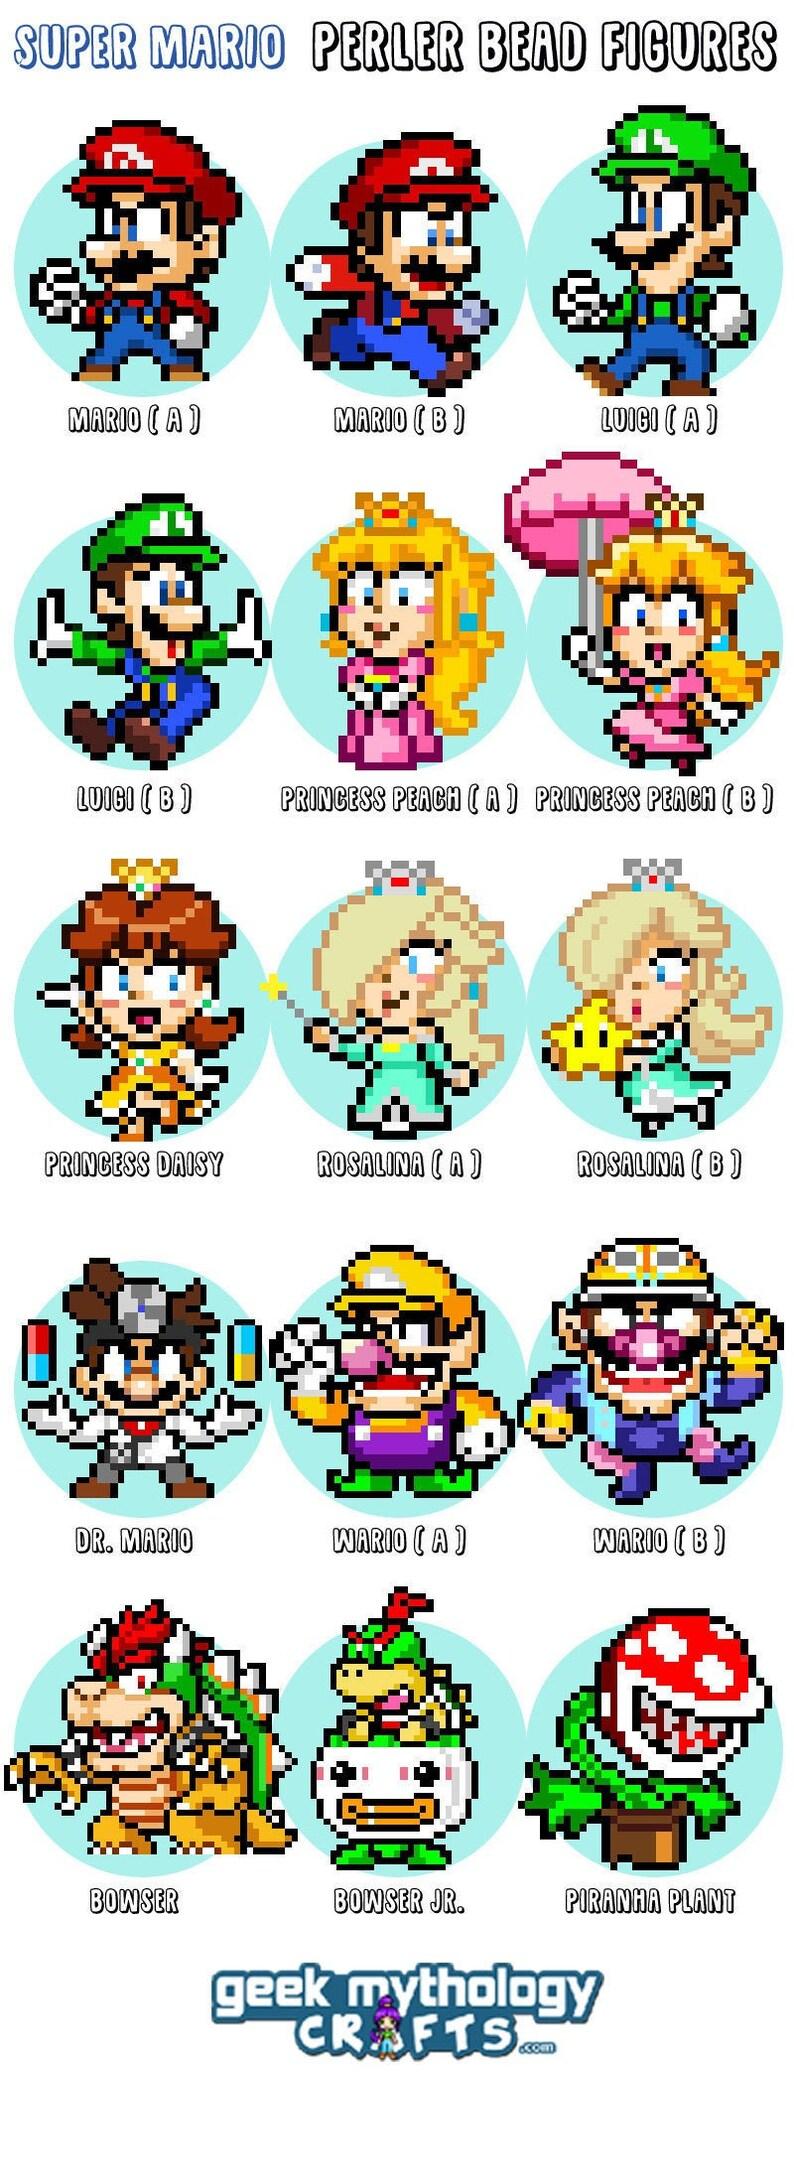 Super Mario Figures  Smash Bros  CUSTOM Fuse Bead Pixel Art image 0